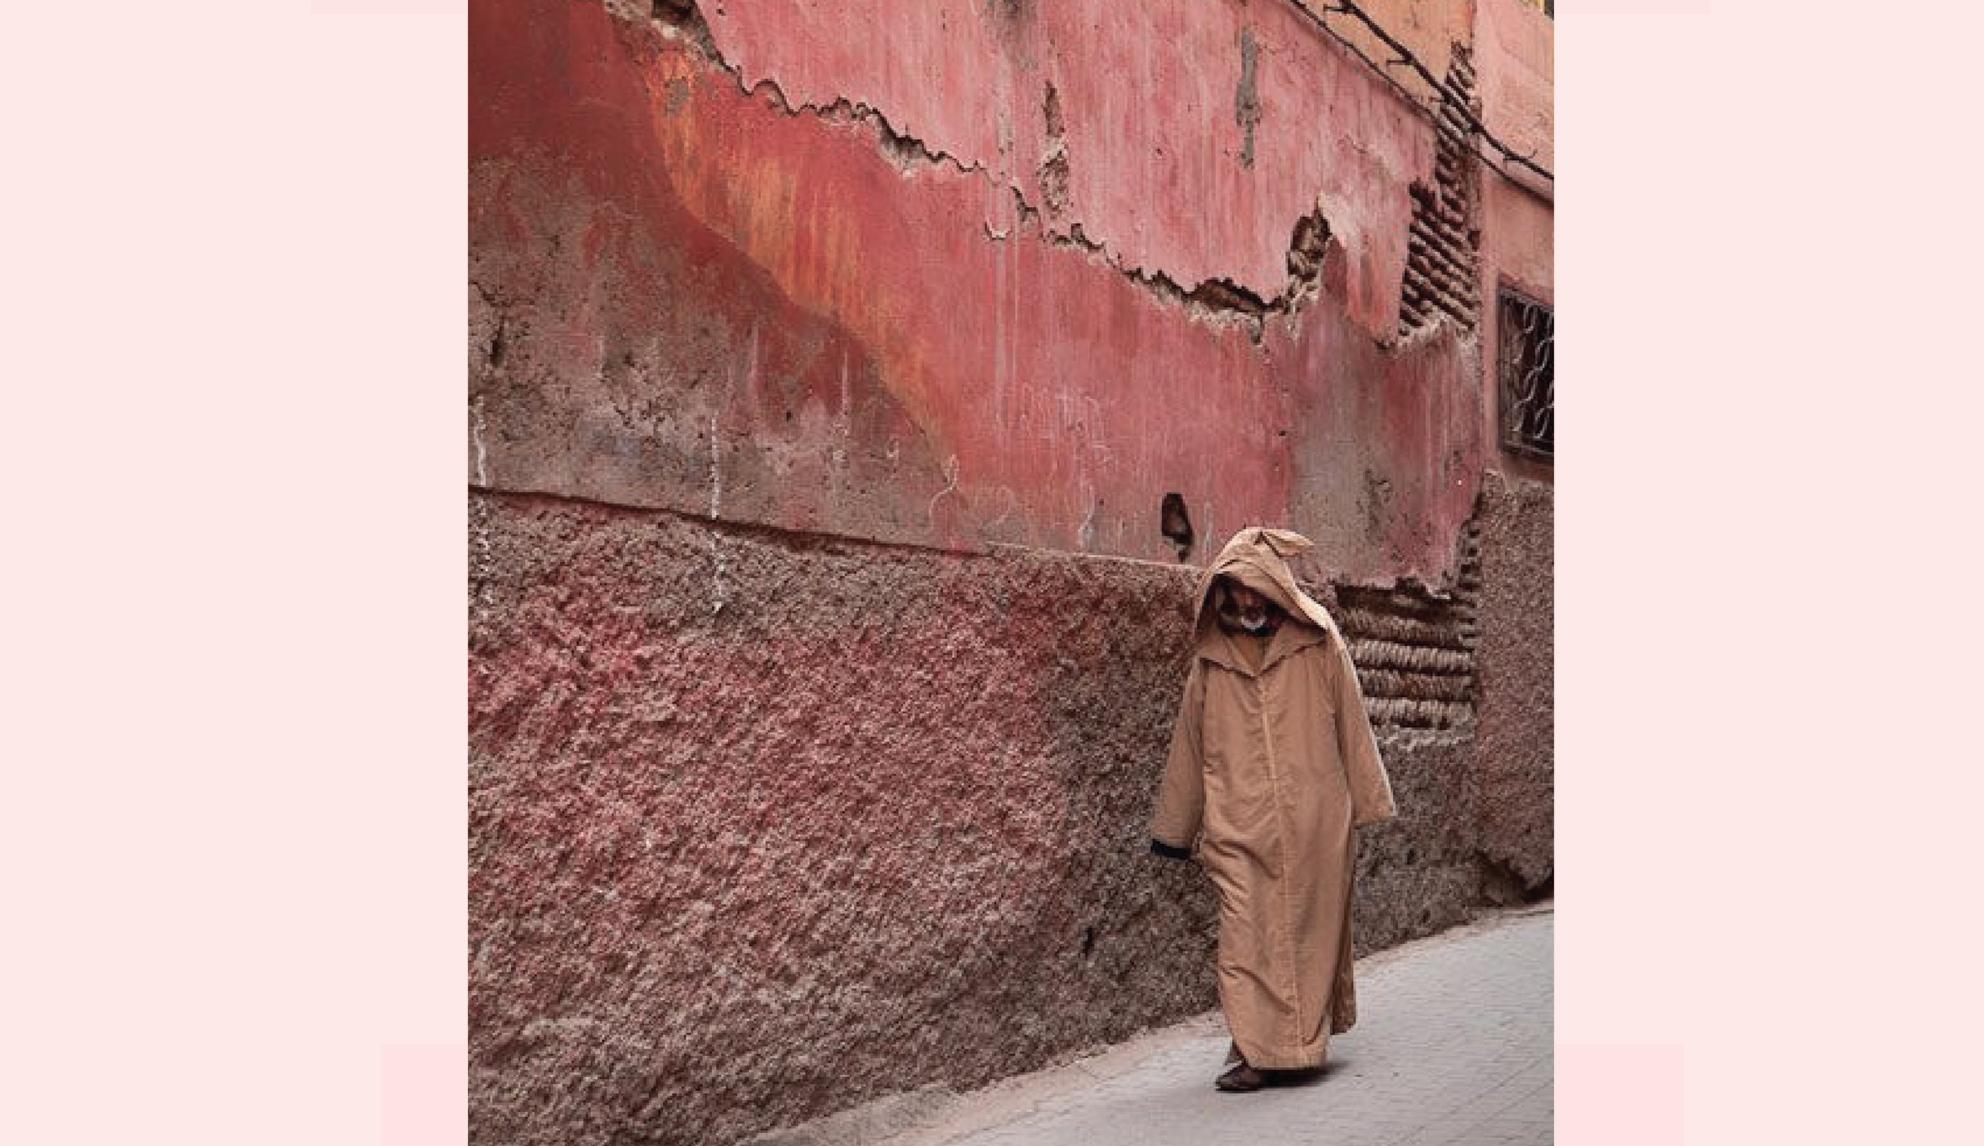 Inaspettato e spettacolare scenario in Marocco per l'ispirazione della collezione Autunno